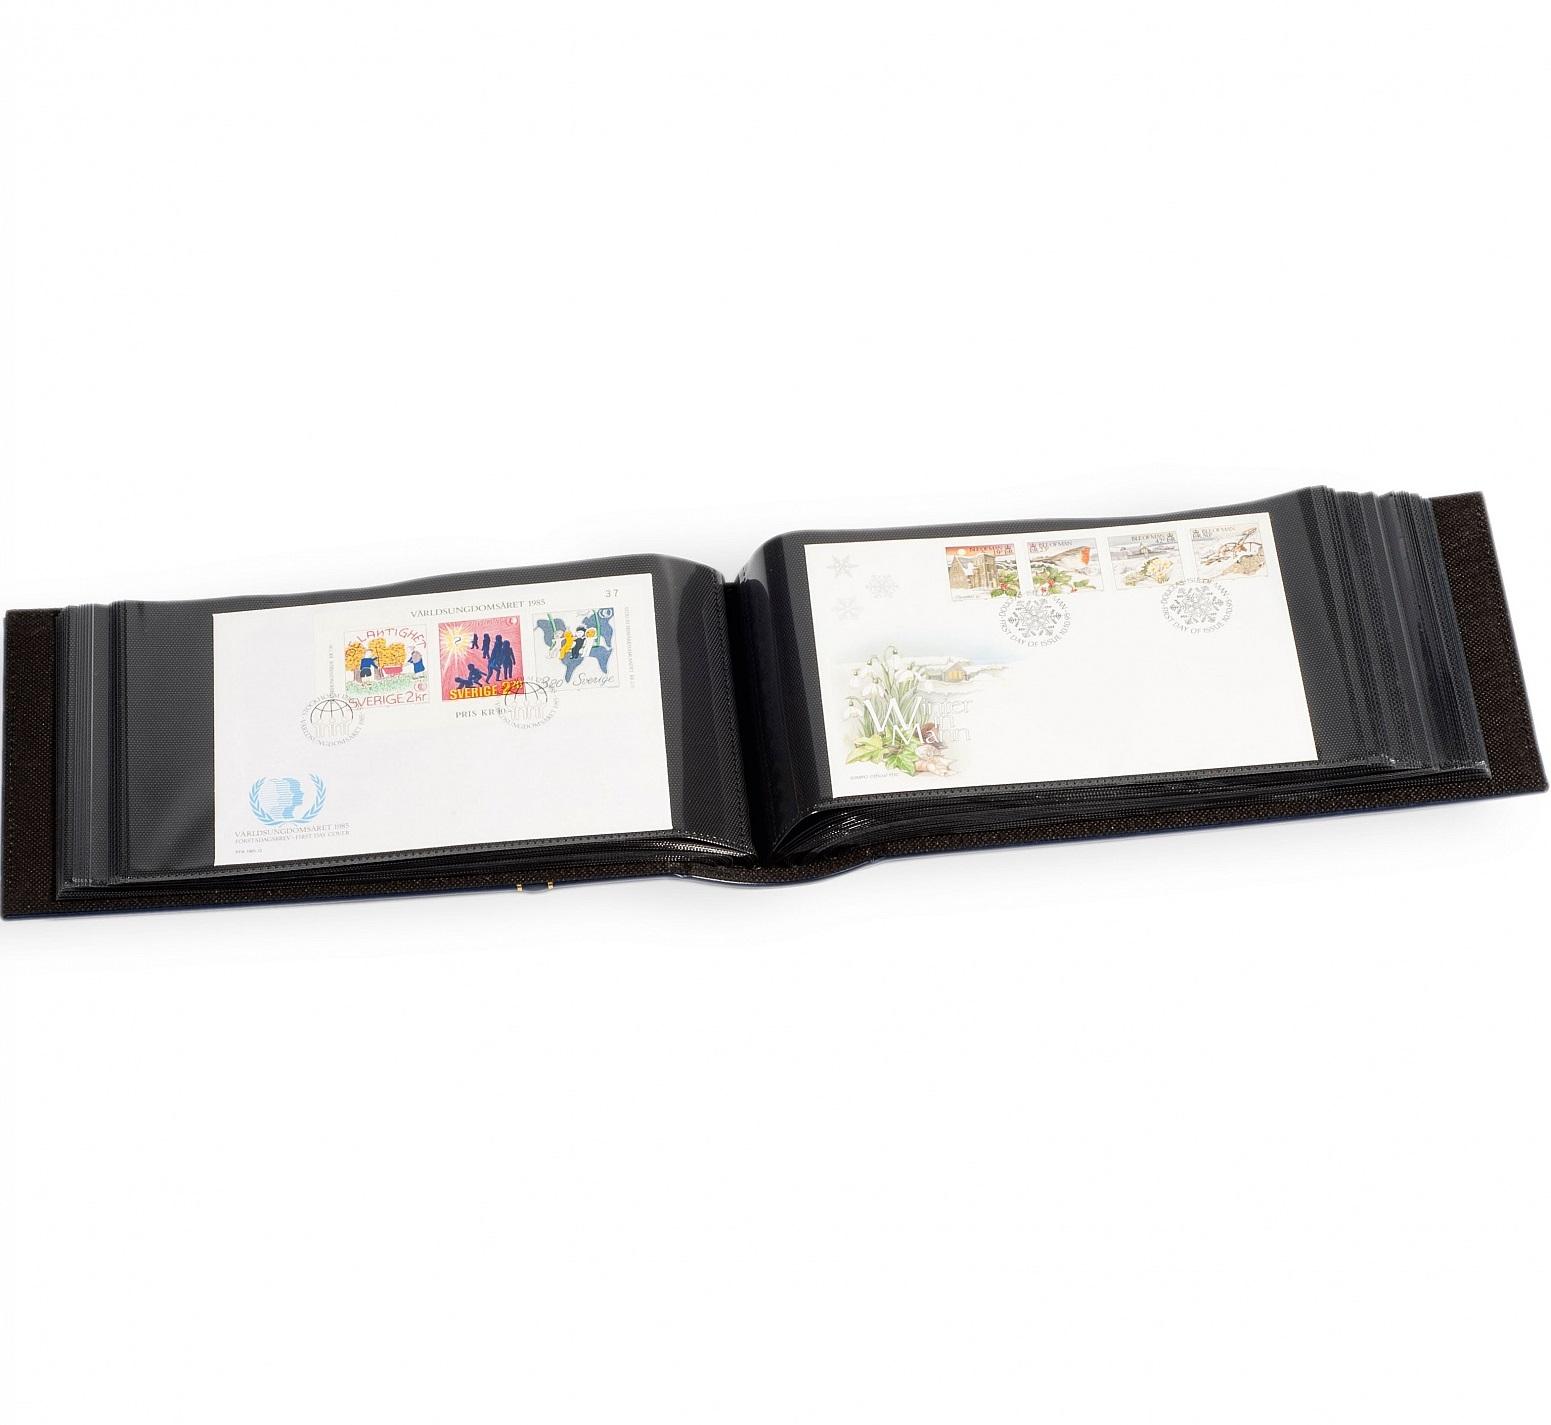 Album cartes postales pour ranger les cartes postales de collection.